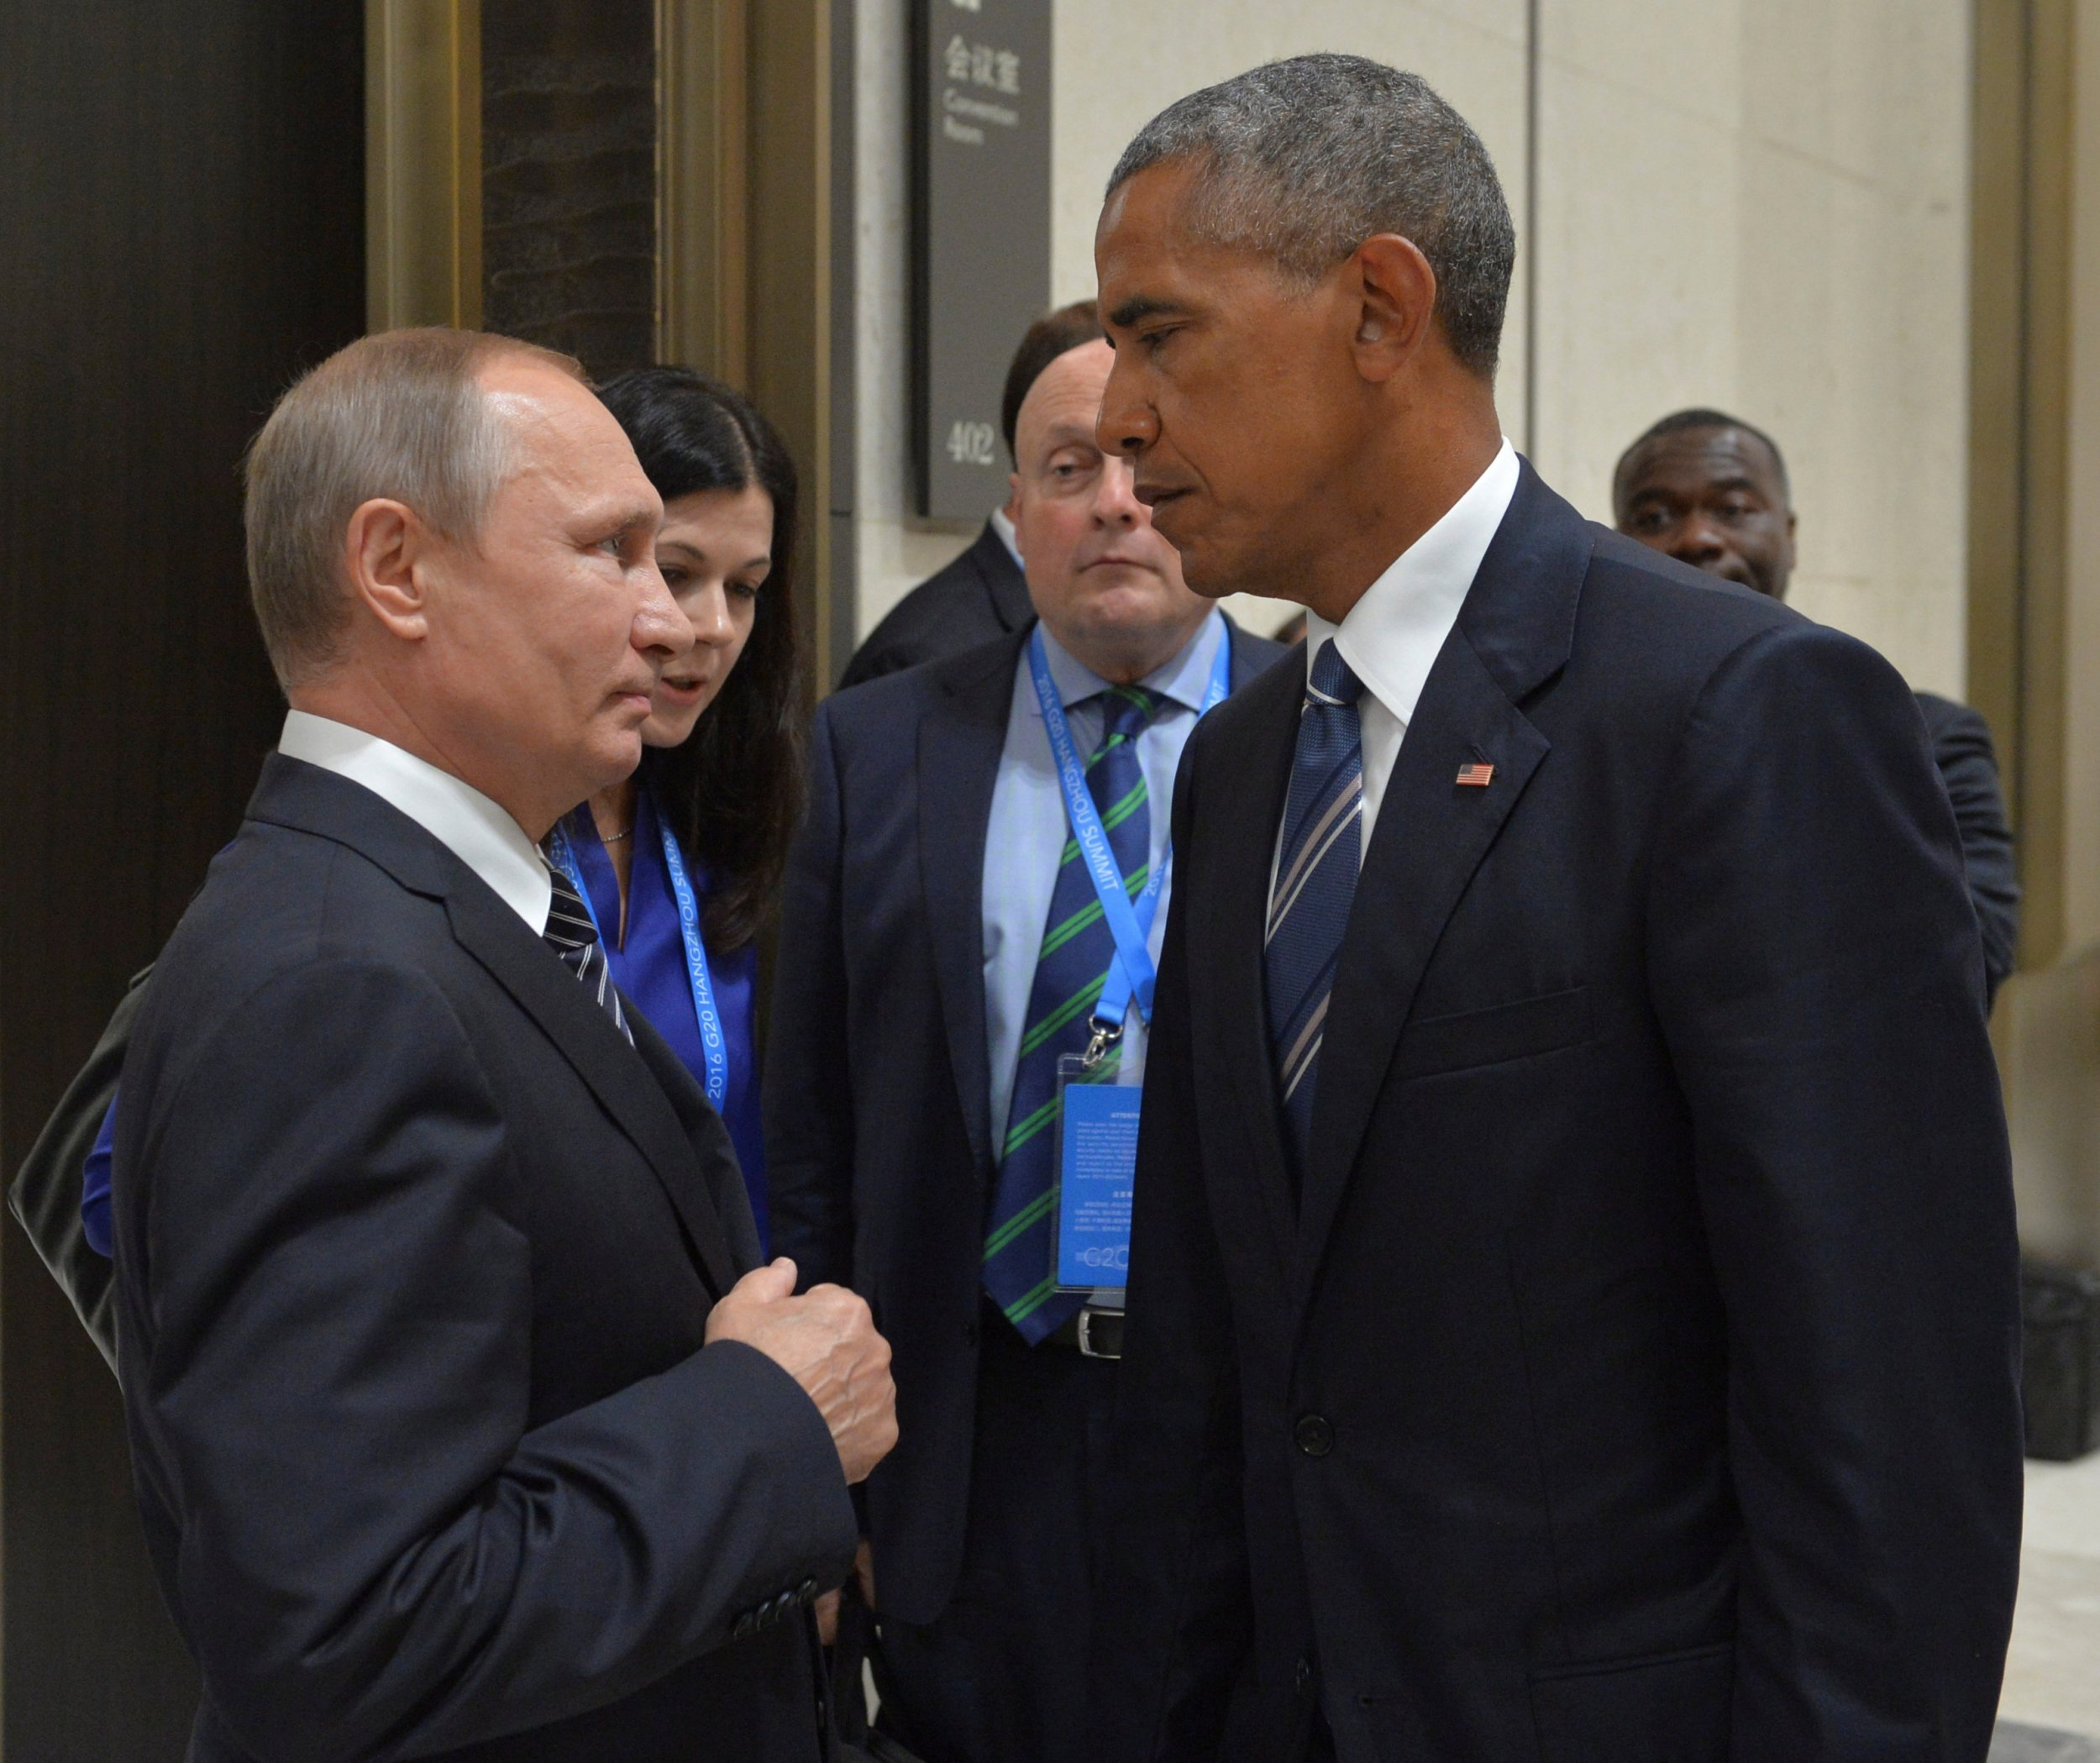 09_10_Putin_Obama_01